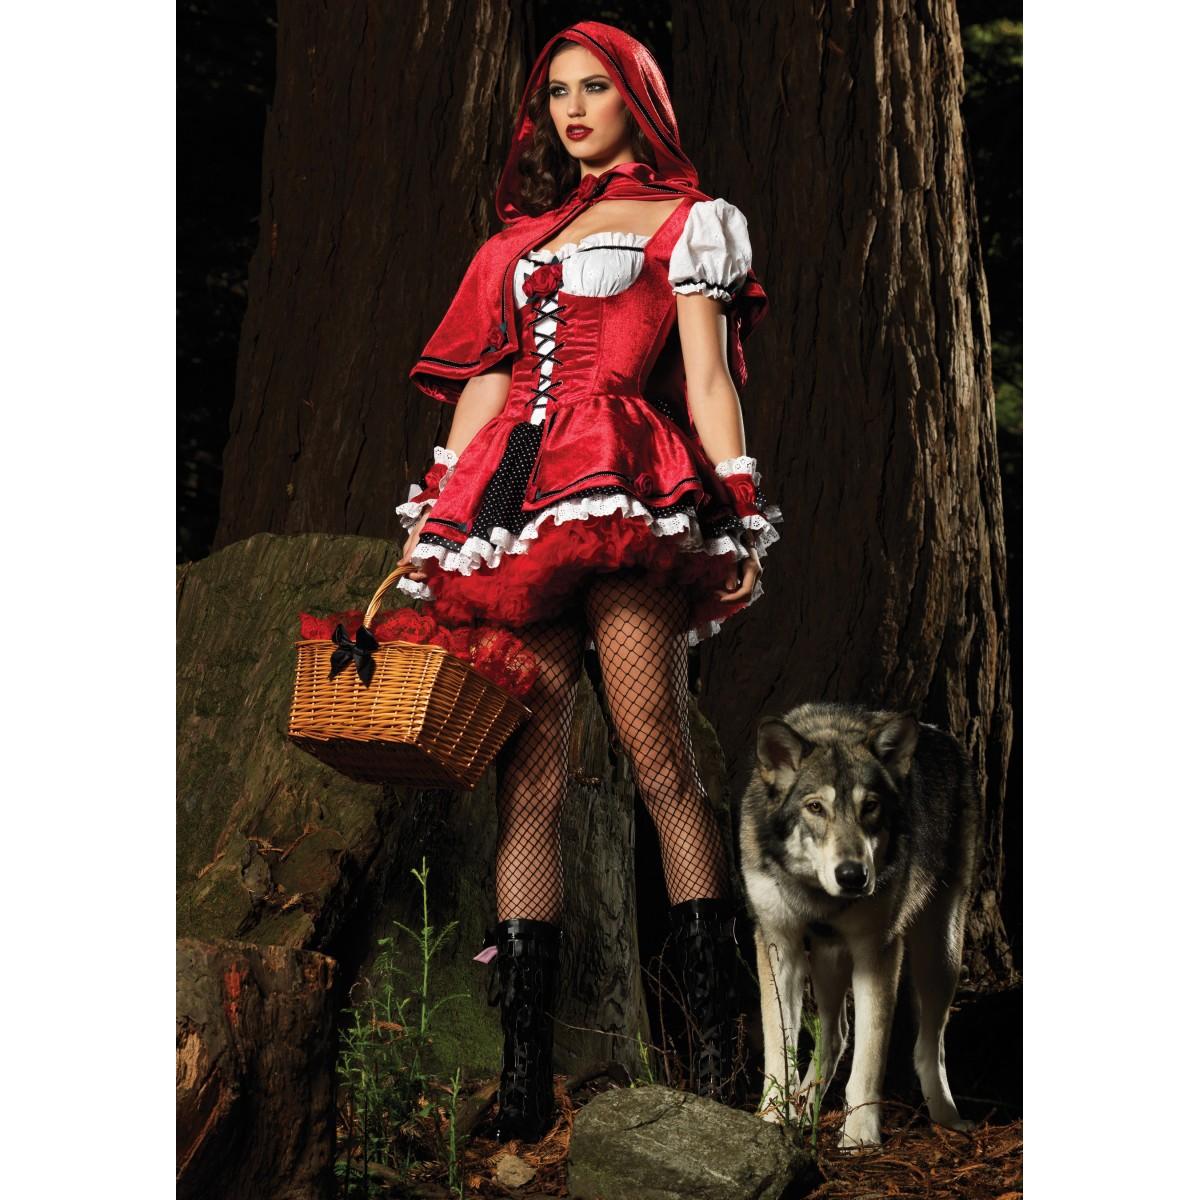 Волки! Будьте осторожны, по лесу бродят одинокие Красные Шапочки!... Улыбнемся)))